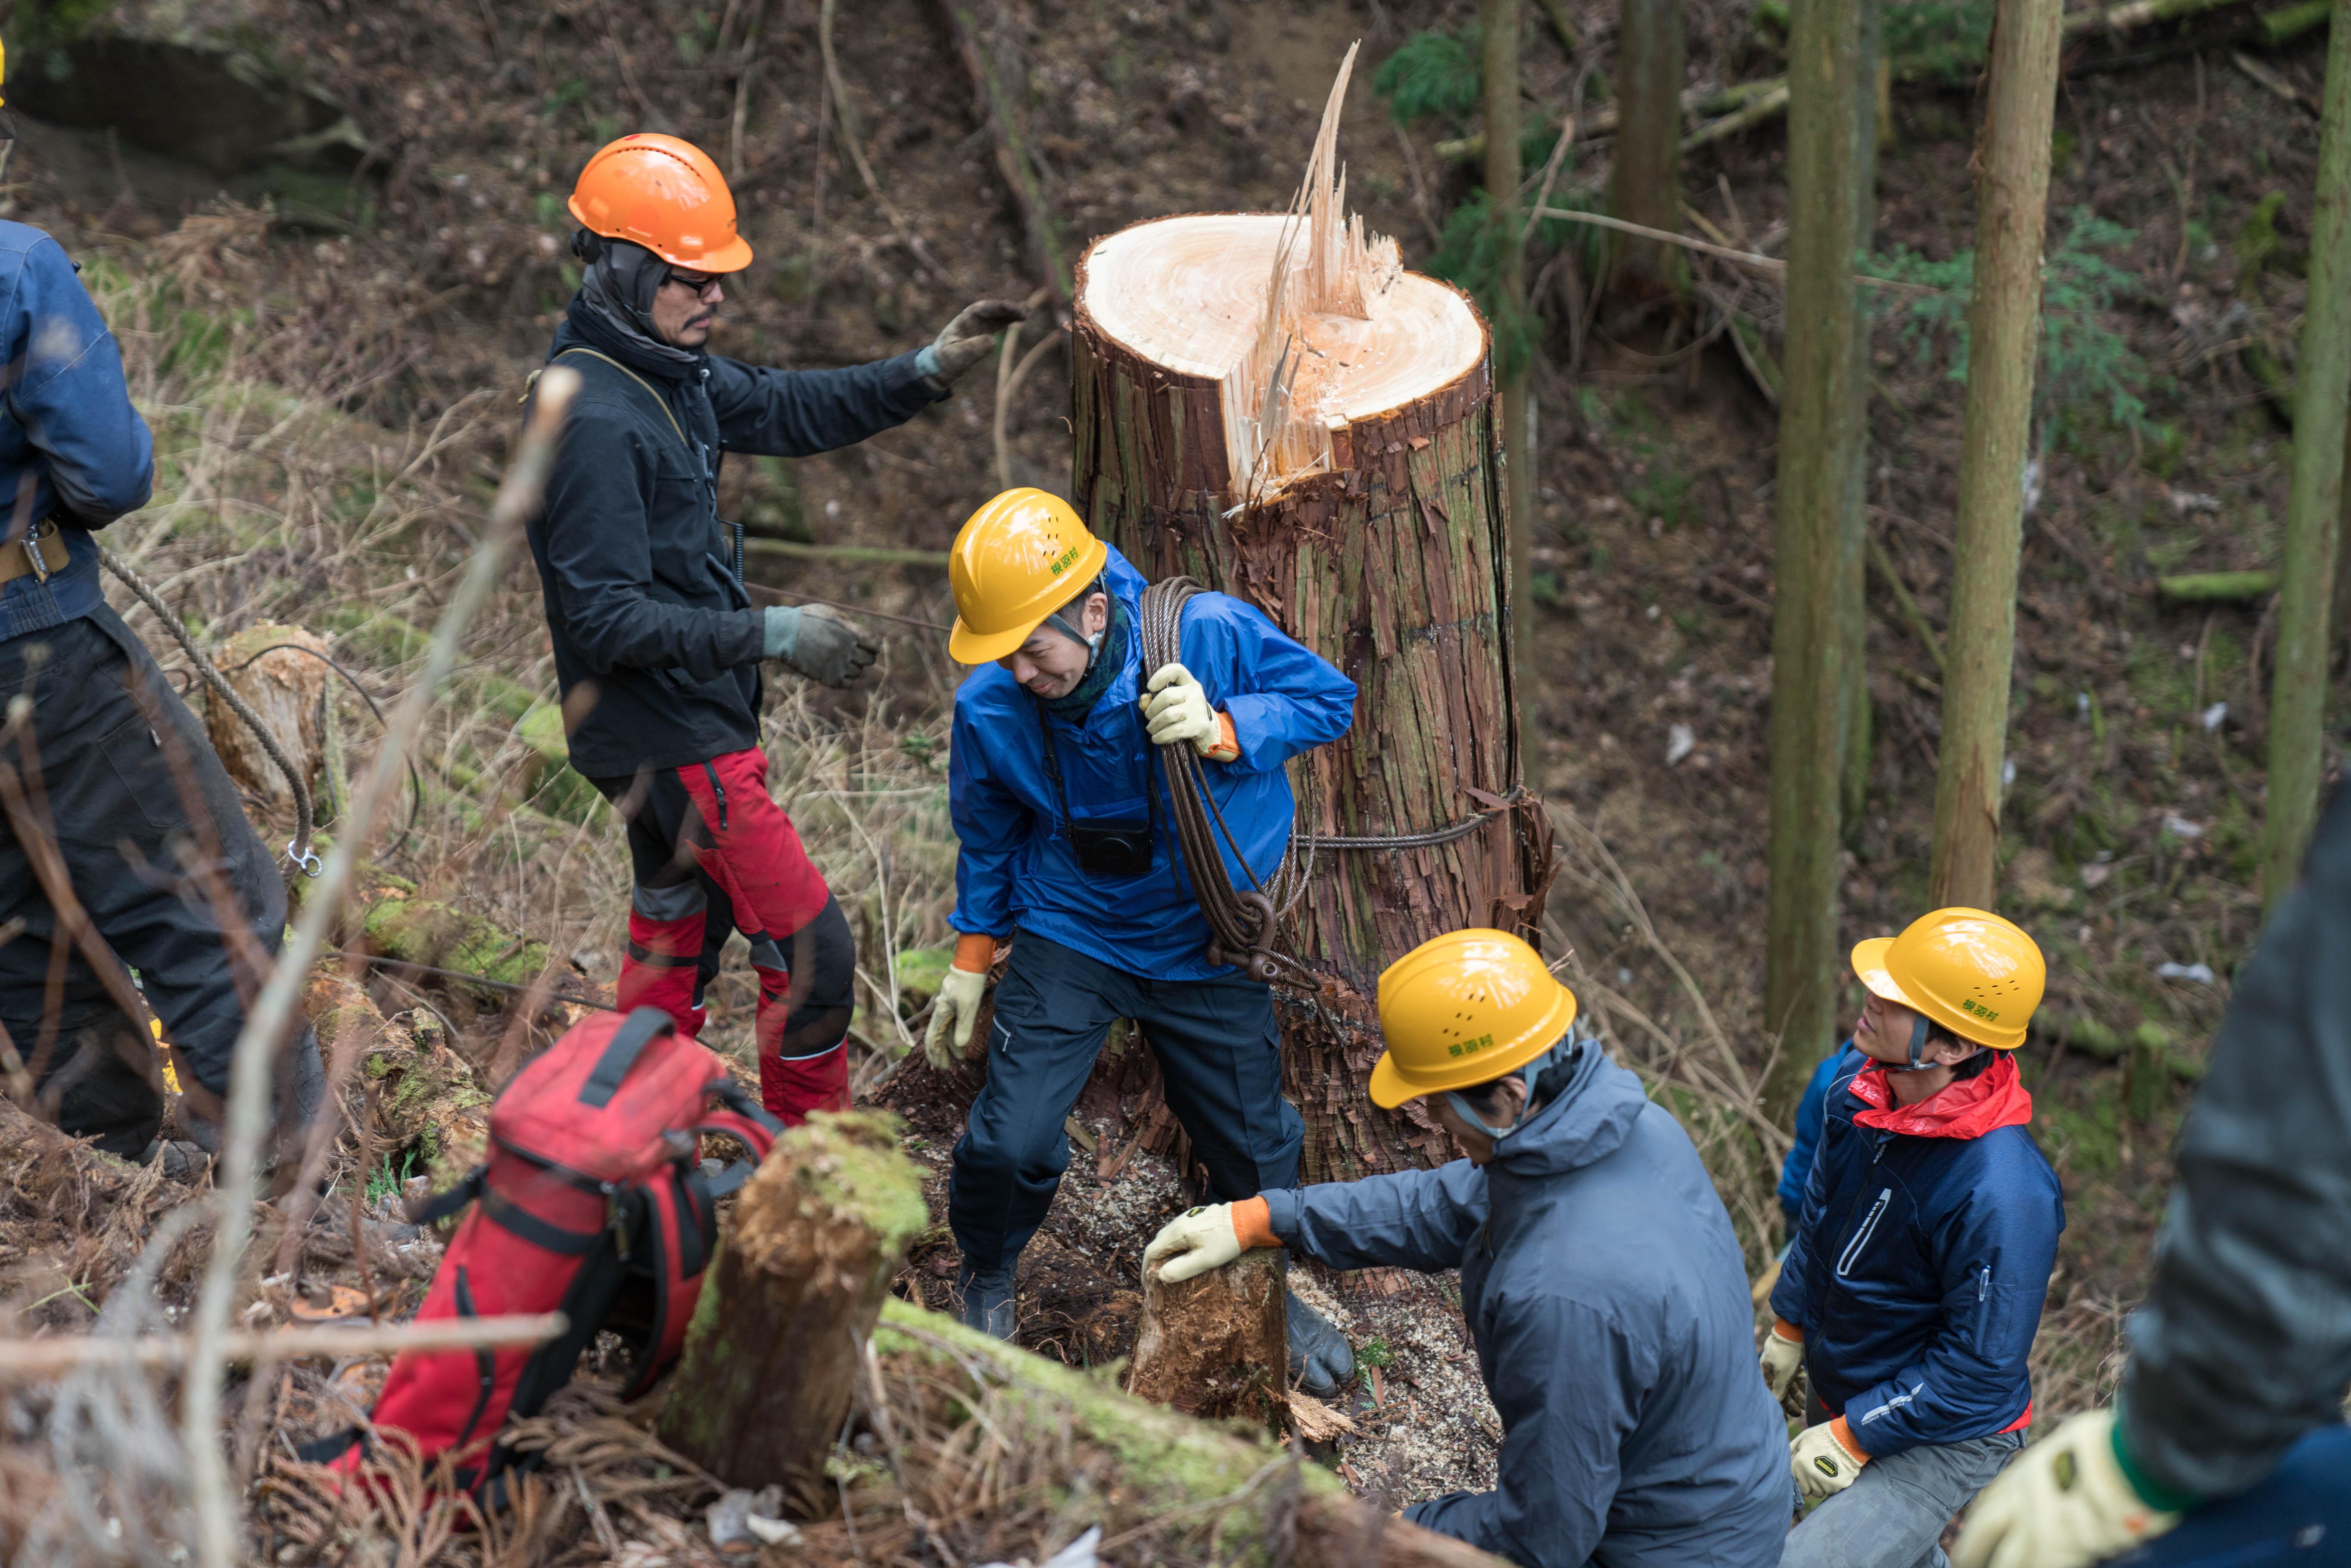 2日目には、木を伐採した後の撤収作業をお手伝い。急傾斜の山をのぼり、泥だらけになった参加者からは、「嘘がないことが伝わってきた」「作業だけではなくて、林業家という生き方も少し見えた」などの感想も。